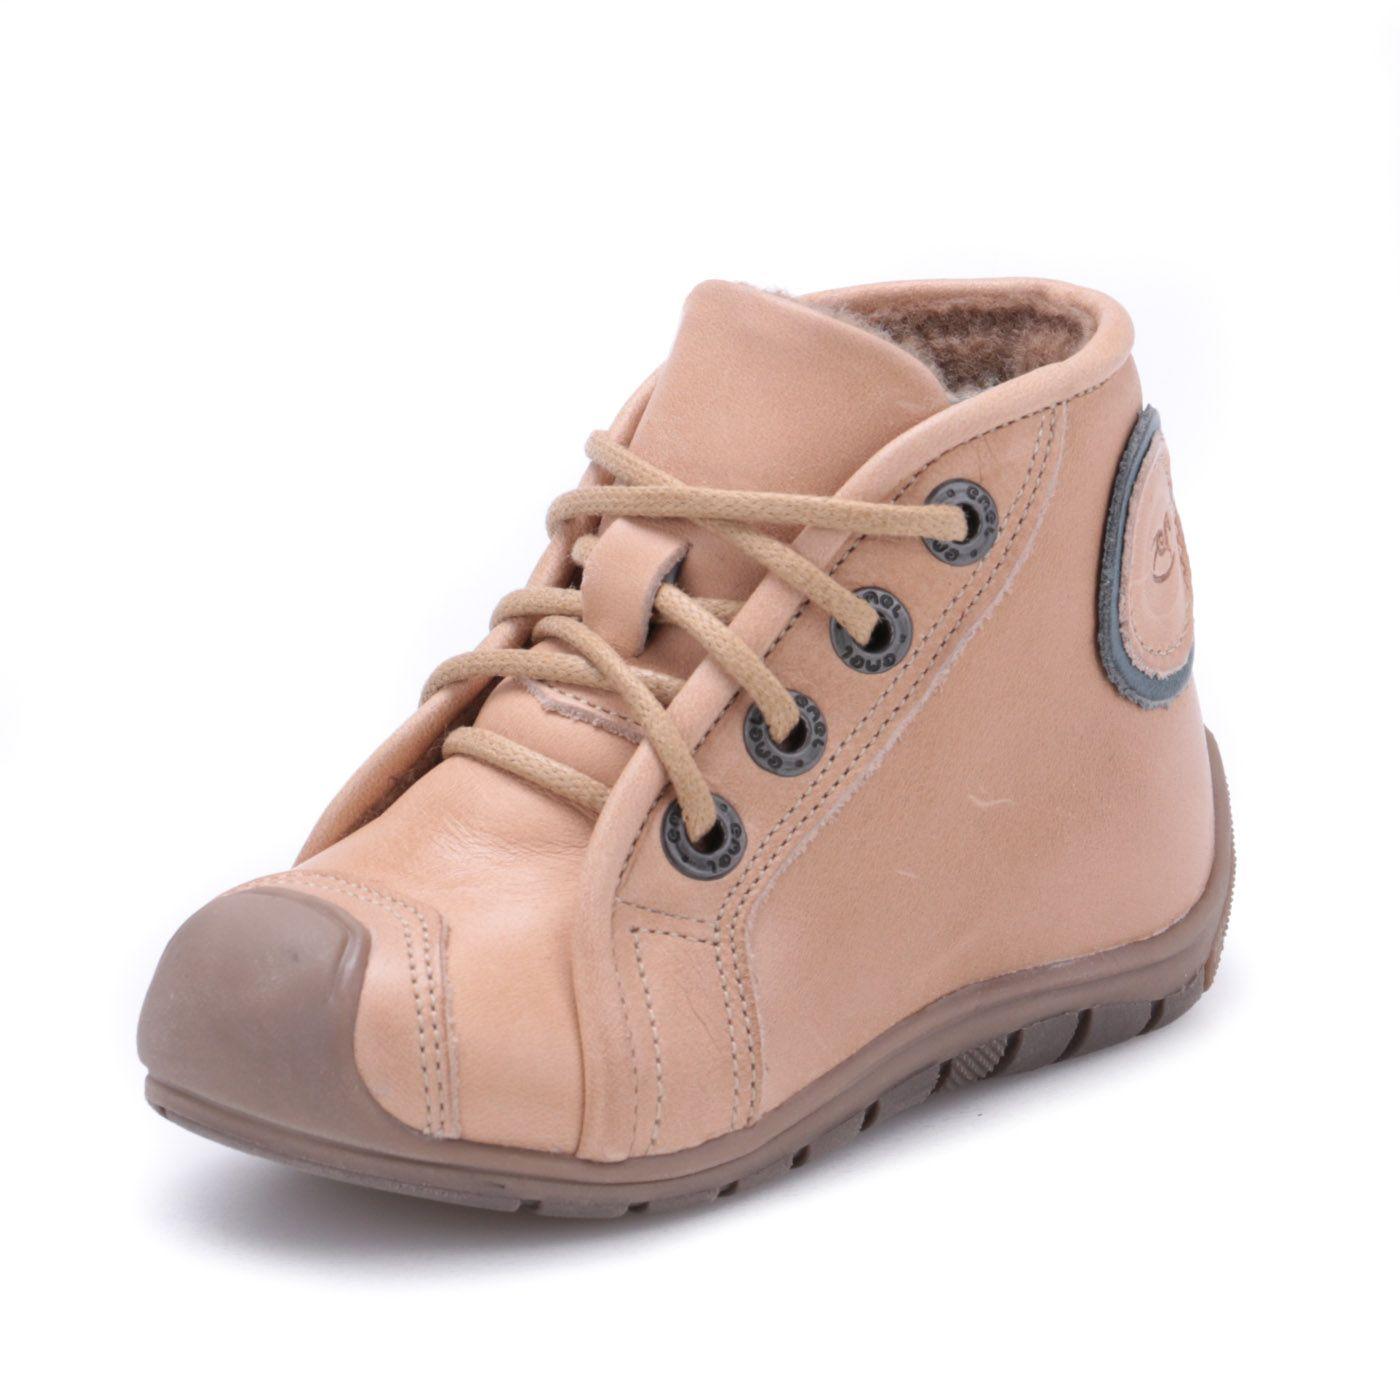 Emel Ocieplane Roczki 2389e K Chwali Pietka Mrugala Emel Maileg Little Dutch Najlepsze Dzieciece Marki W Jednym Miejscu Shoes Sneakers Stuff To Buy